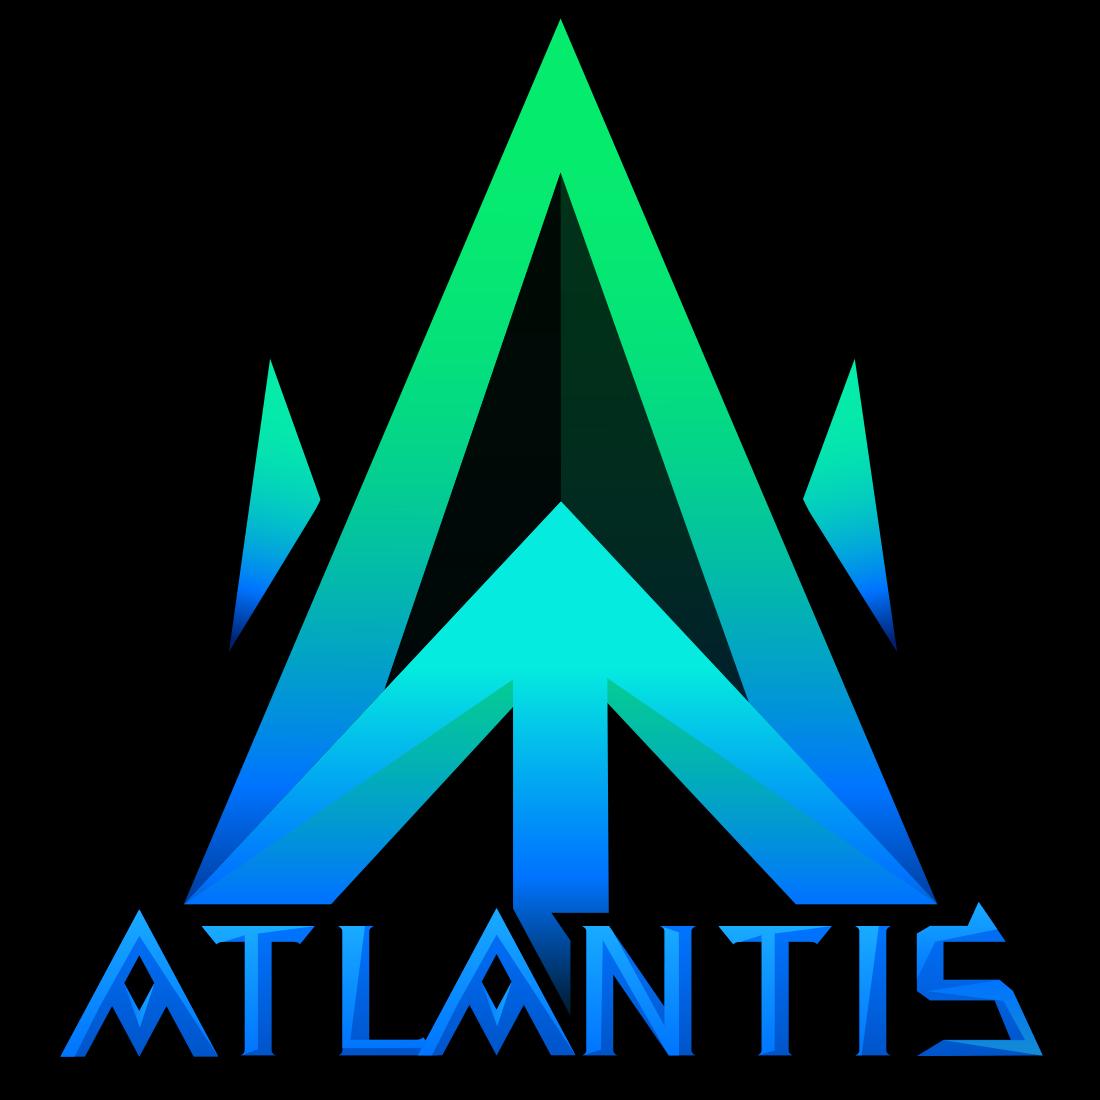 Team Atlantis.